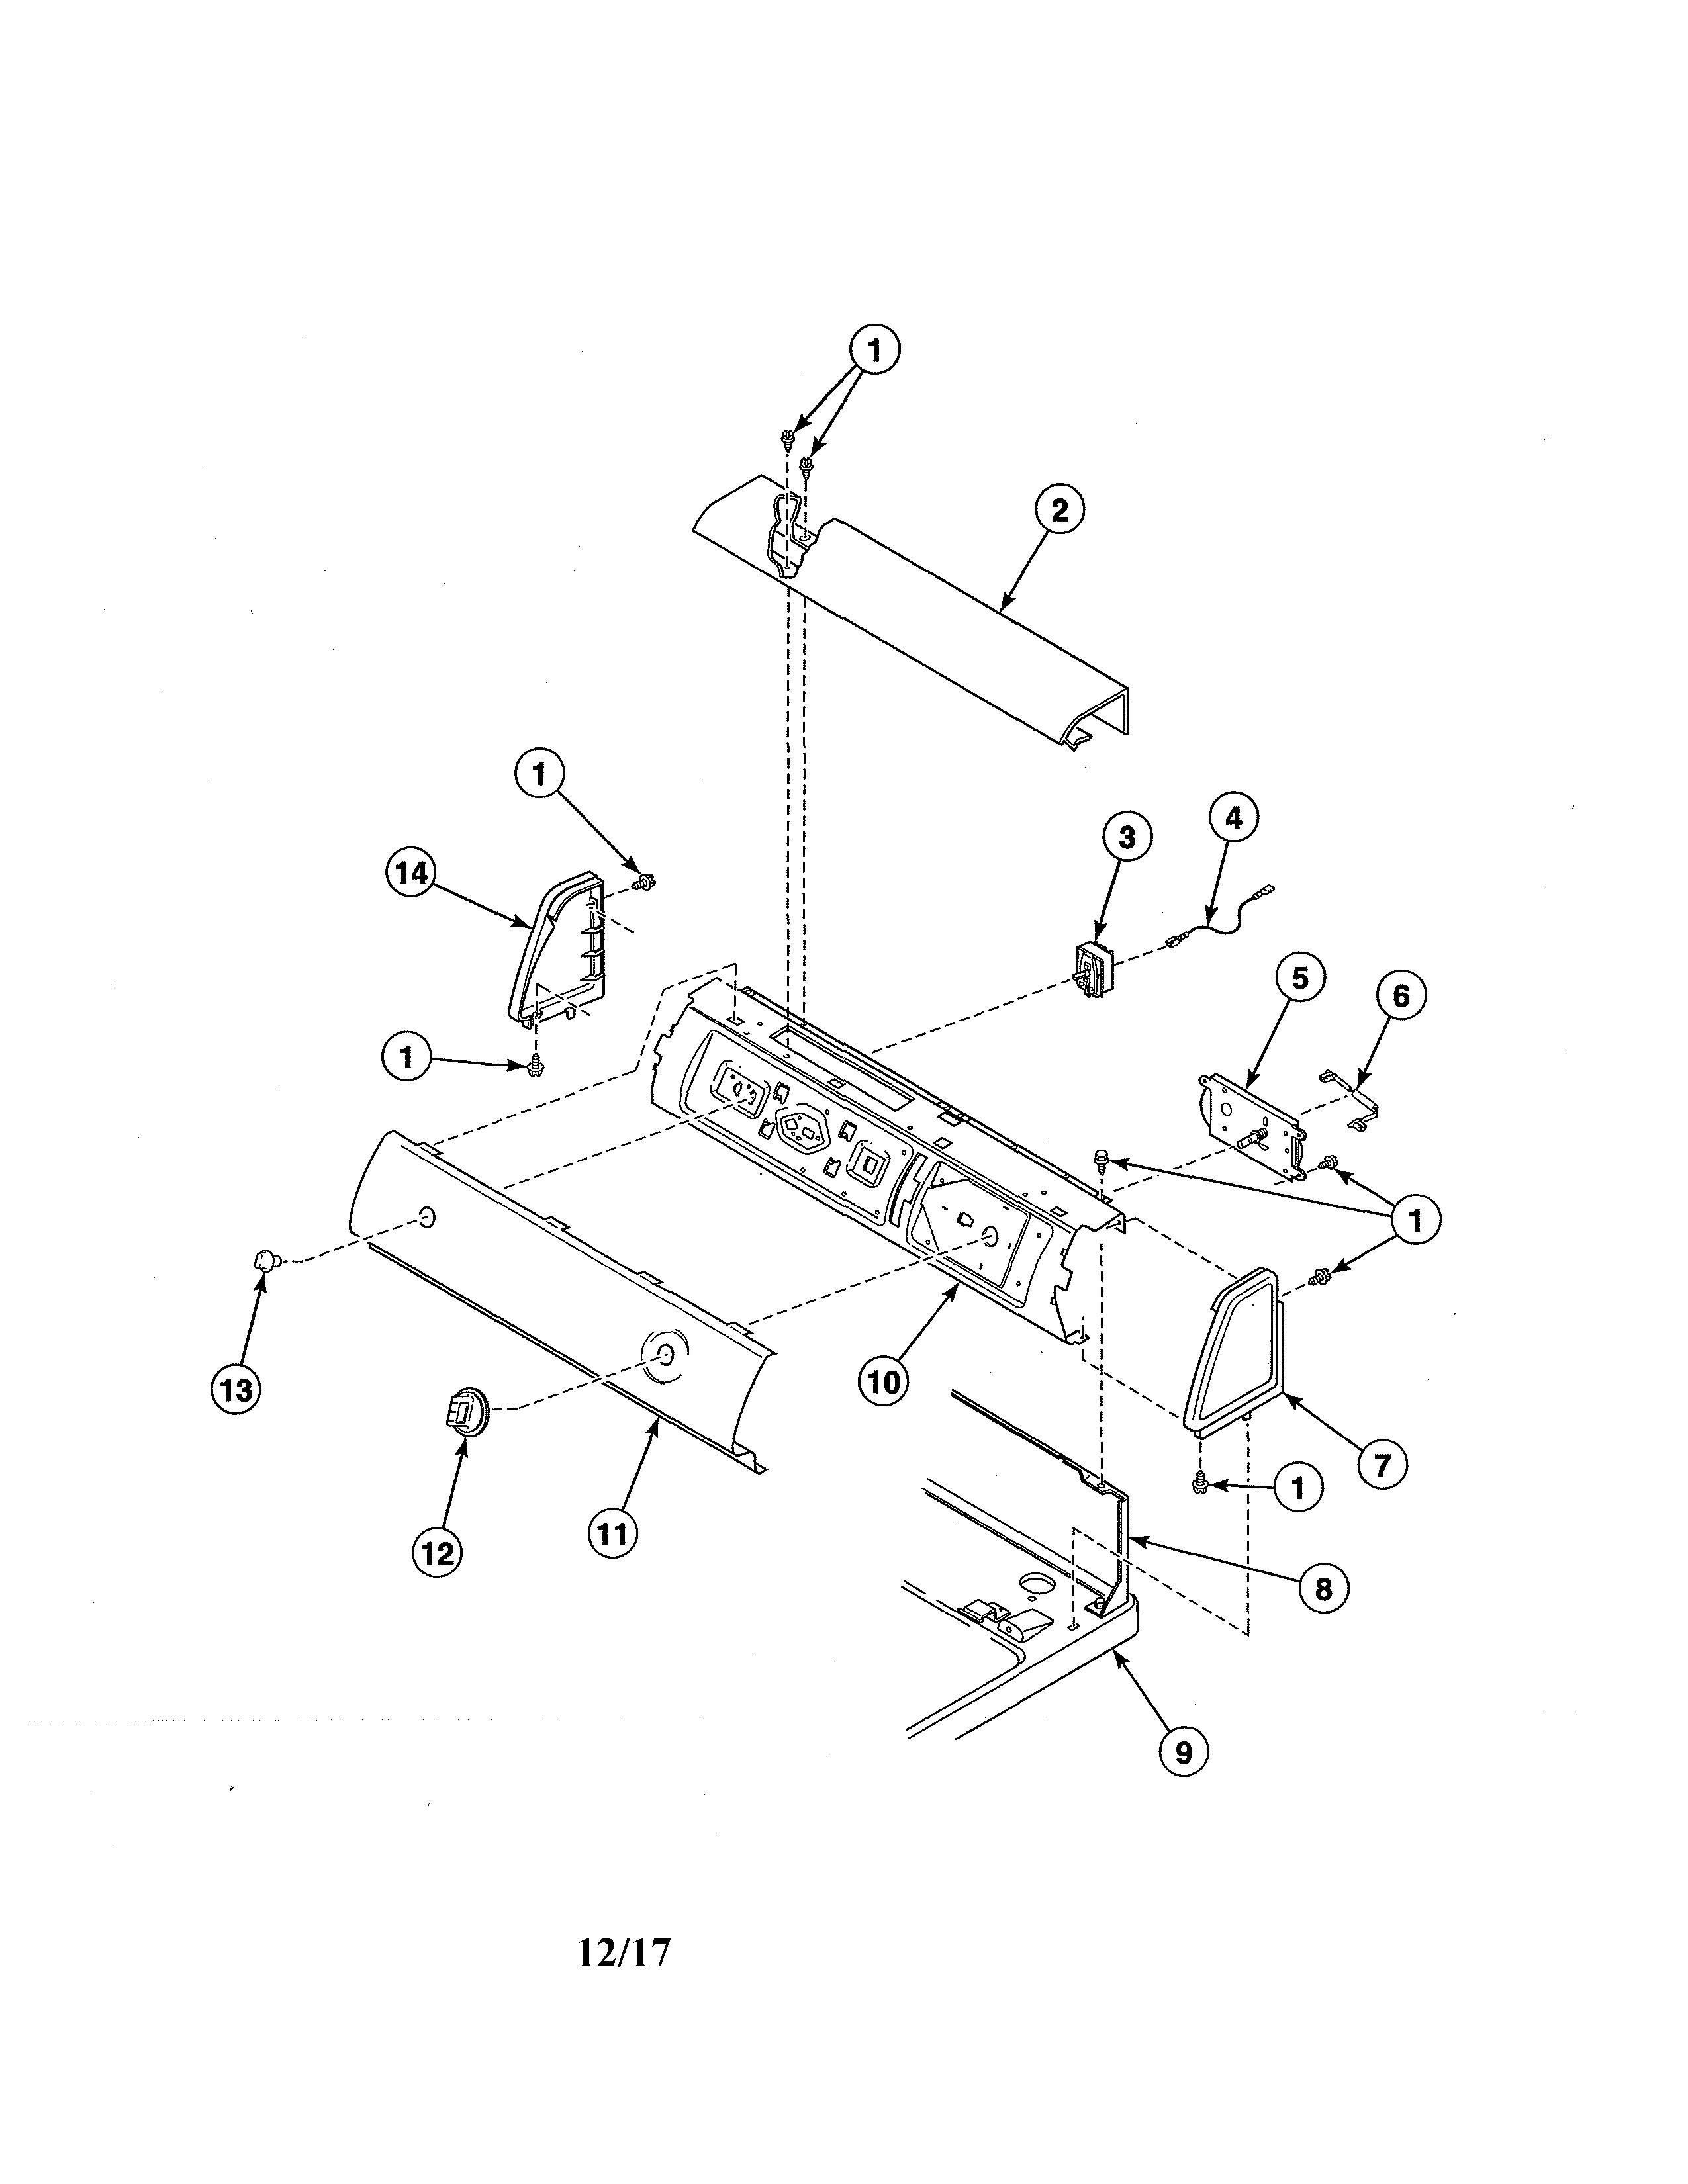 Speed Queen Dryer Wiring Diagram from schematron.org